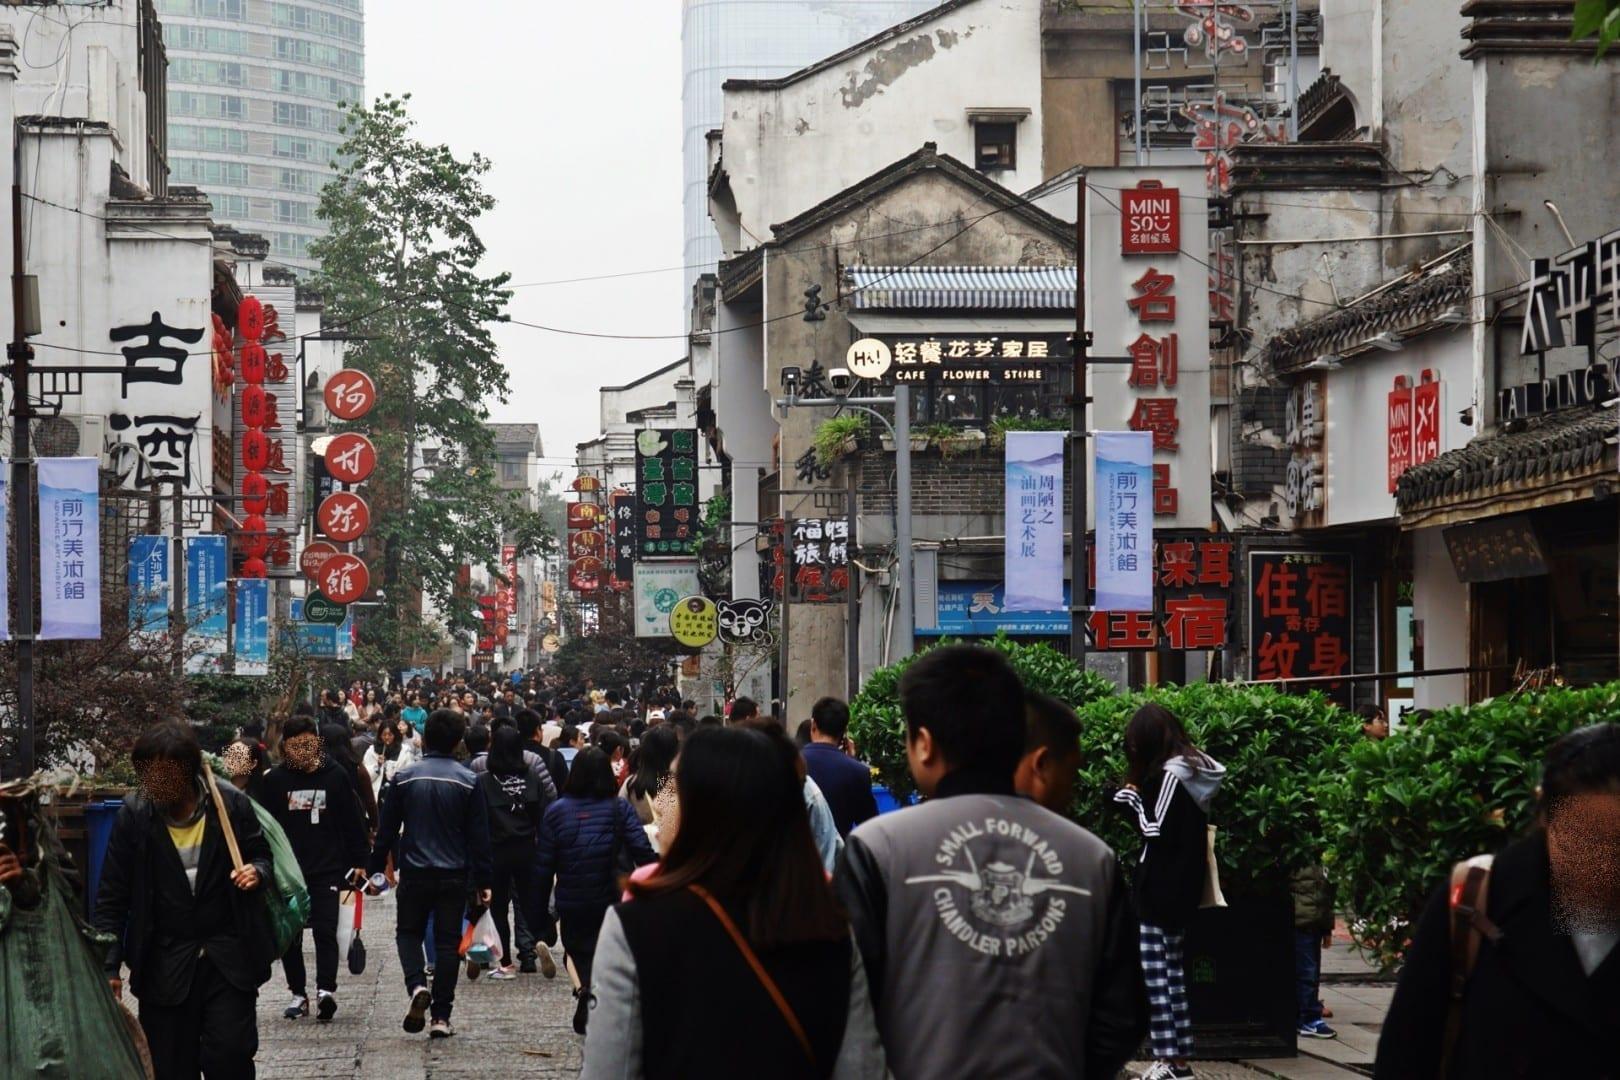 Taiping Old Street en un domingo lleno de gente Changsha China